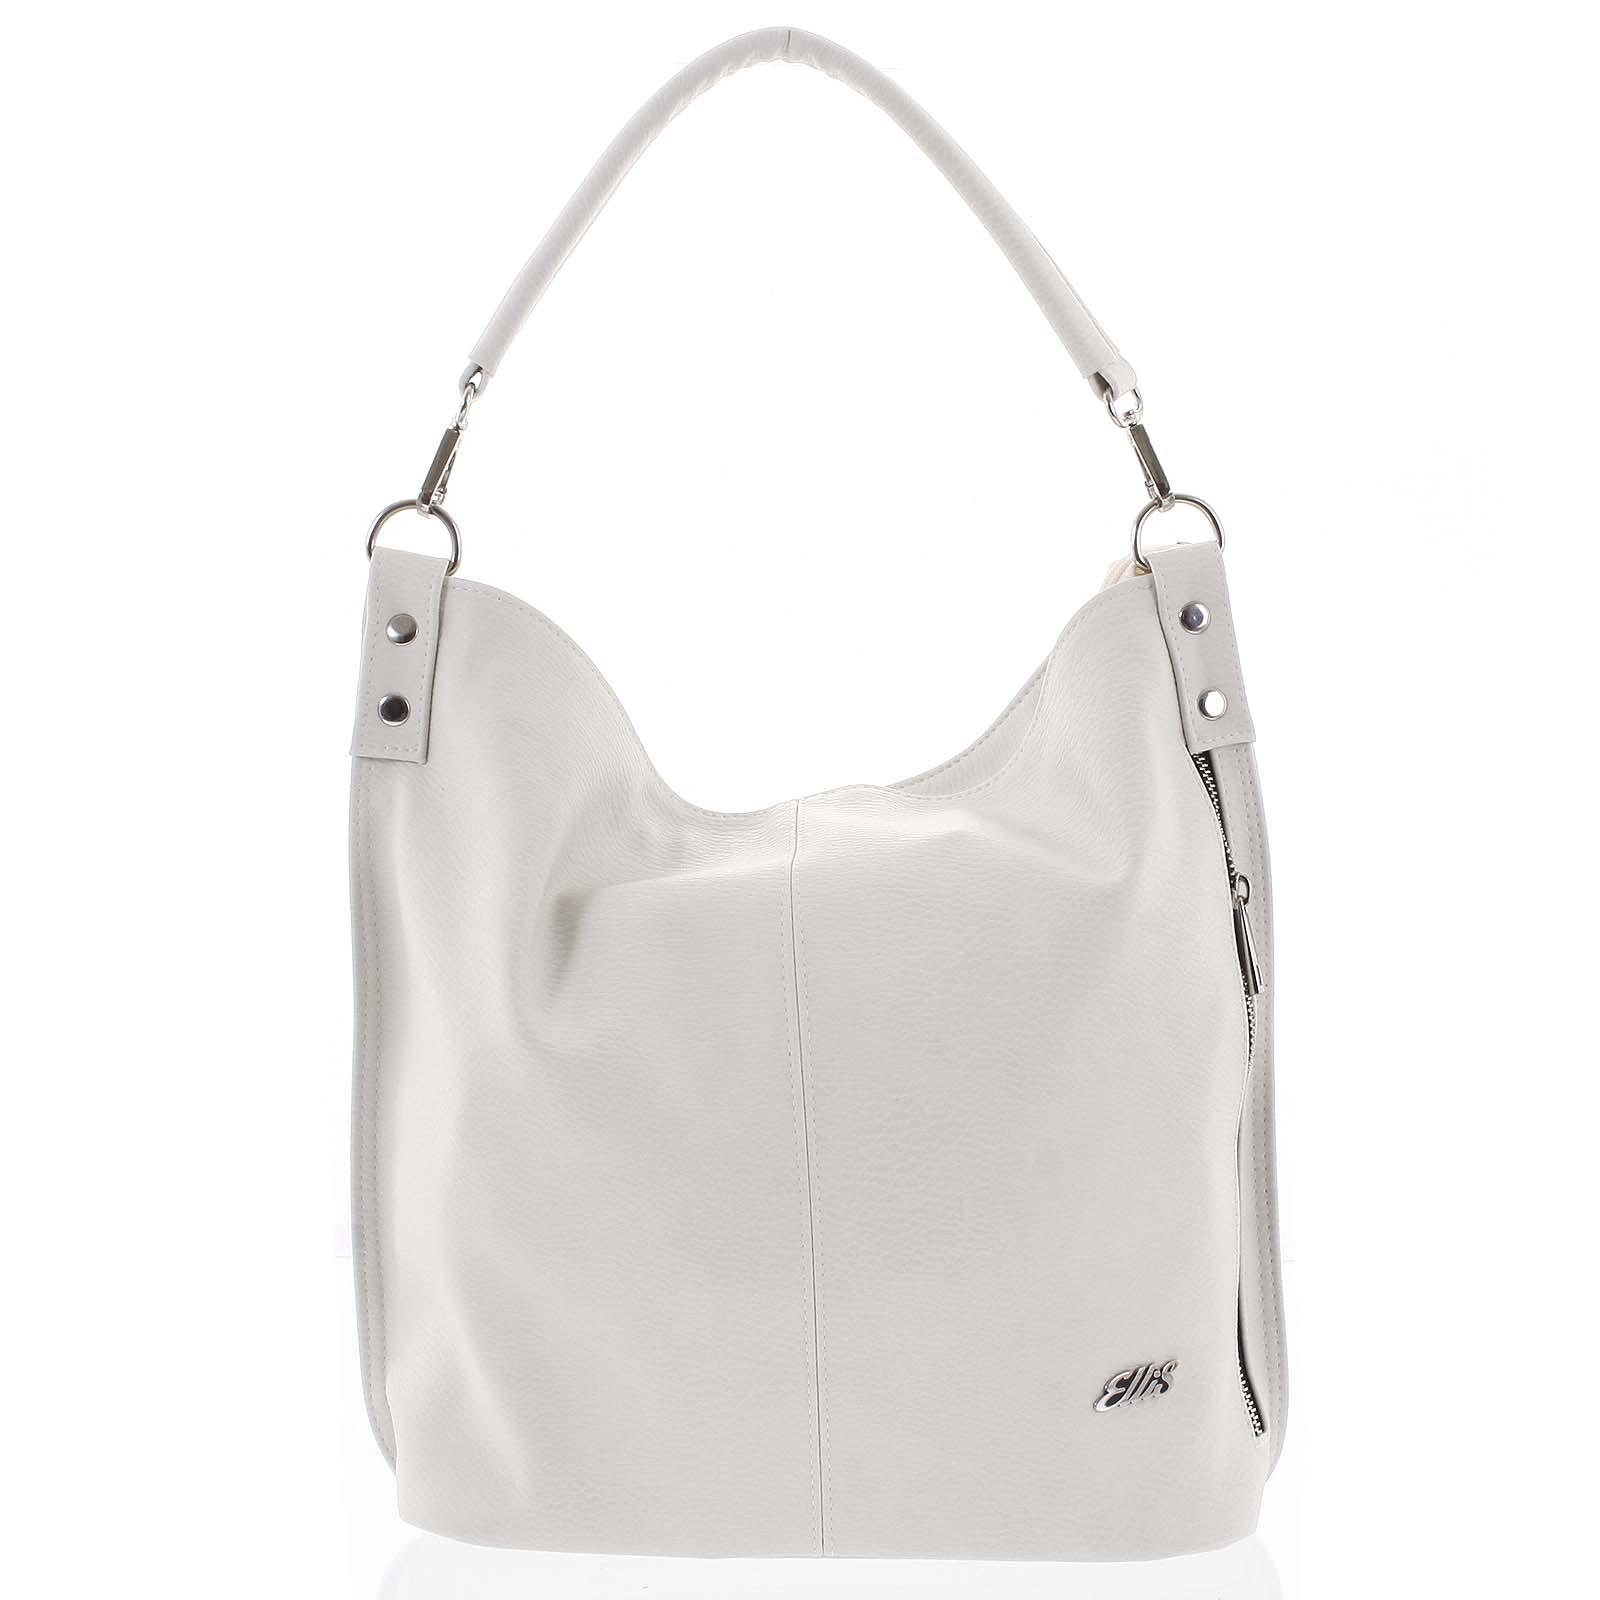 Elegantní dámská kabelka přes rameno krémově bílá - Ellis Negina